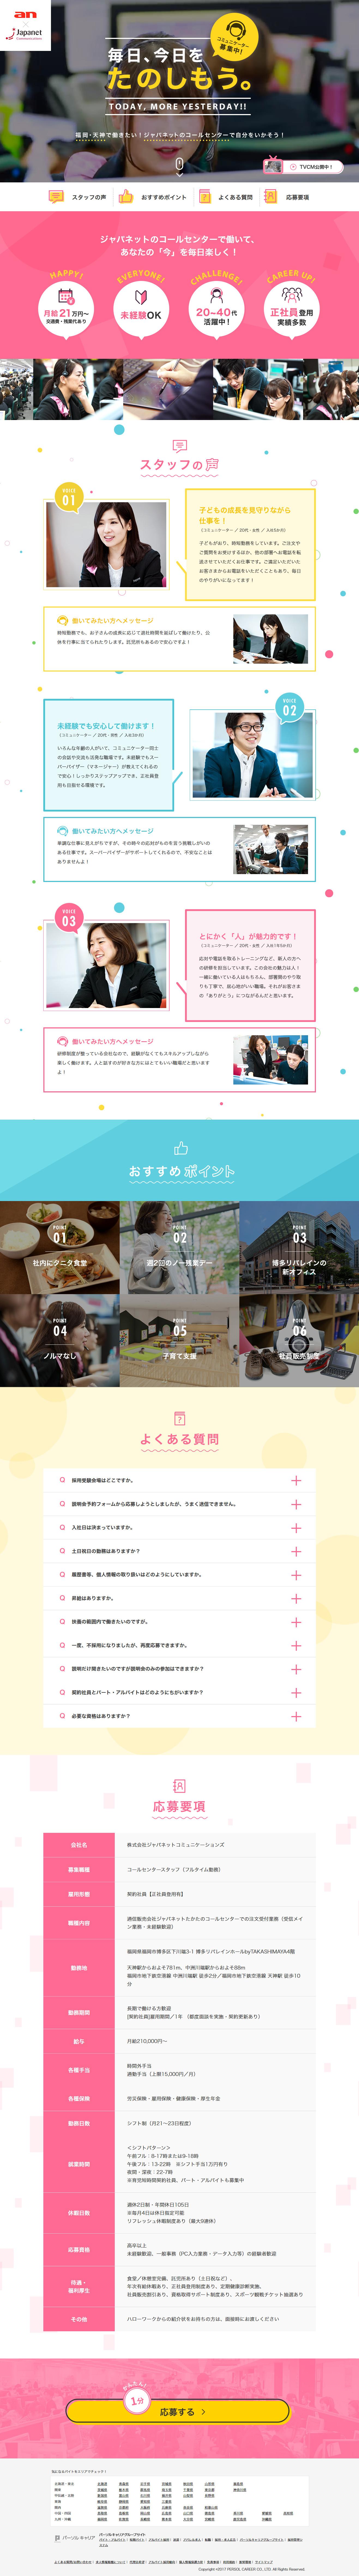 ジャパネットコミュニケーションズで働こう! /アルバイト・バイト・求人情報の「an」 https://weban.jp/contents/sales_sp/japanetpr/